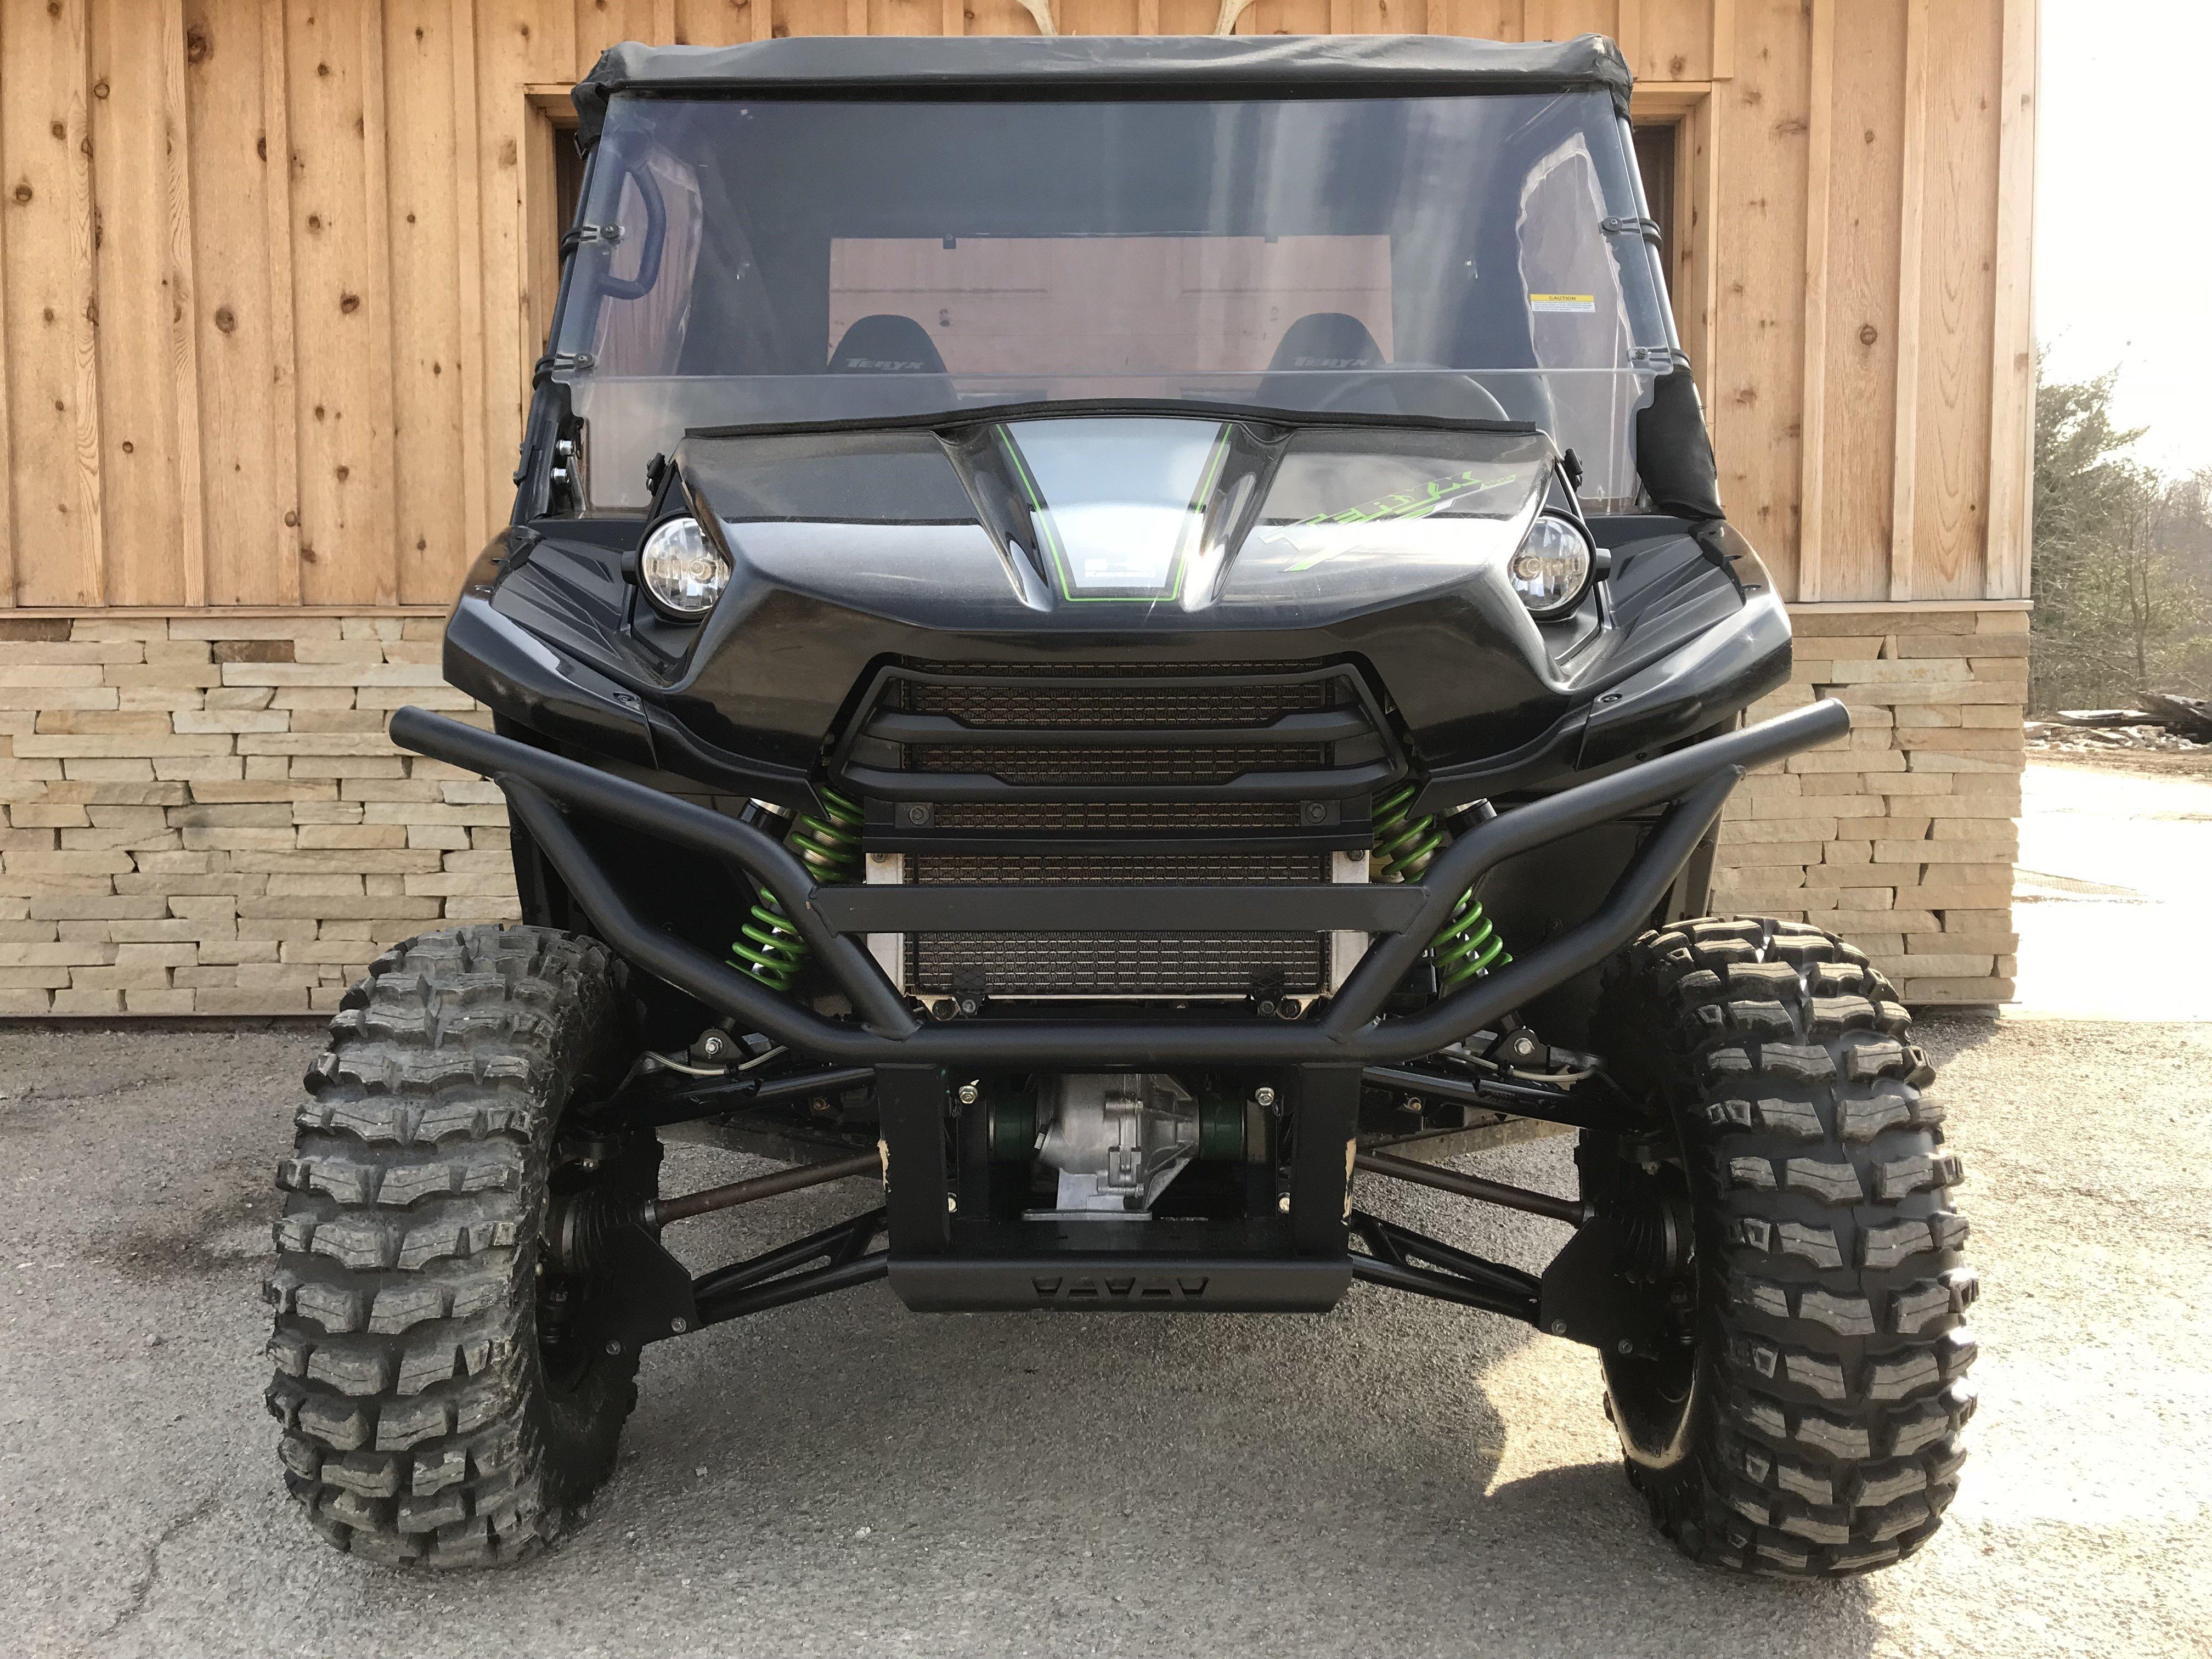 2015 Kawasaki Teryx 800 EPS